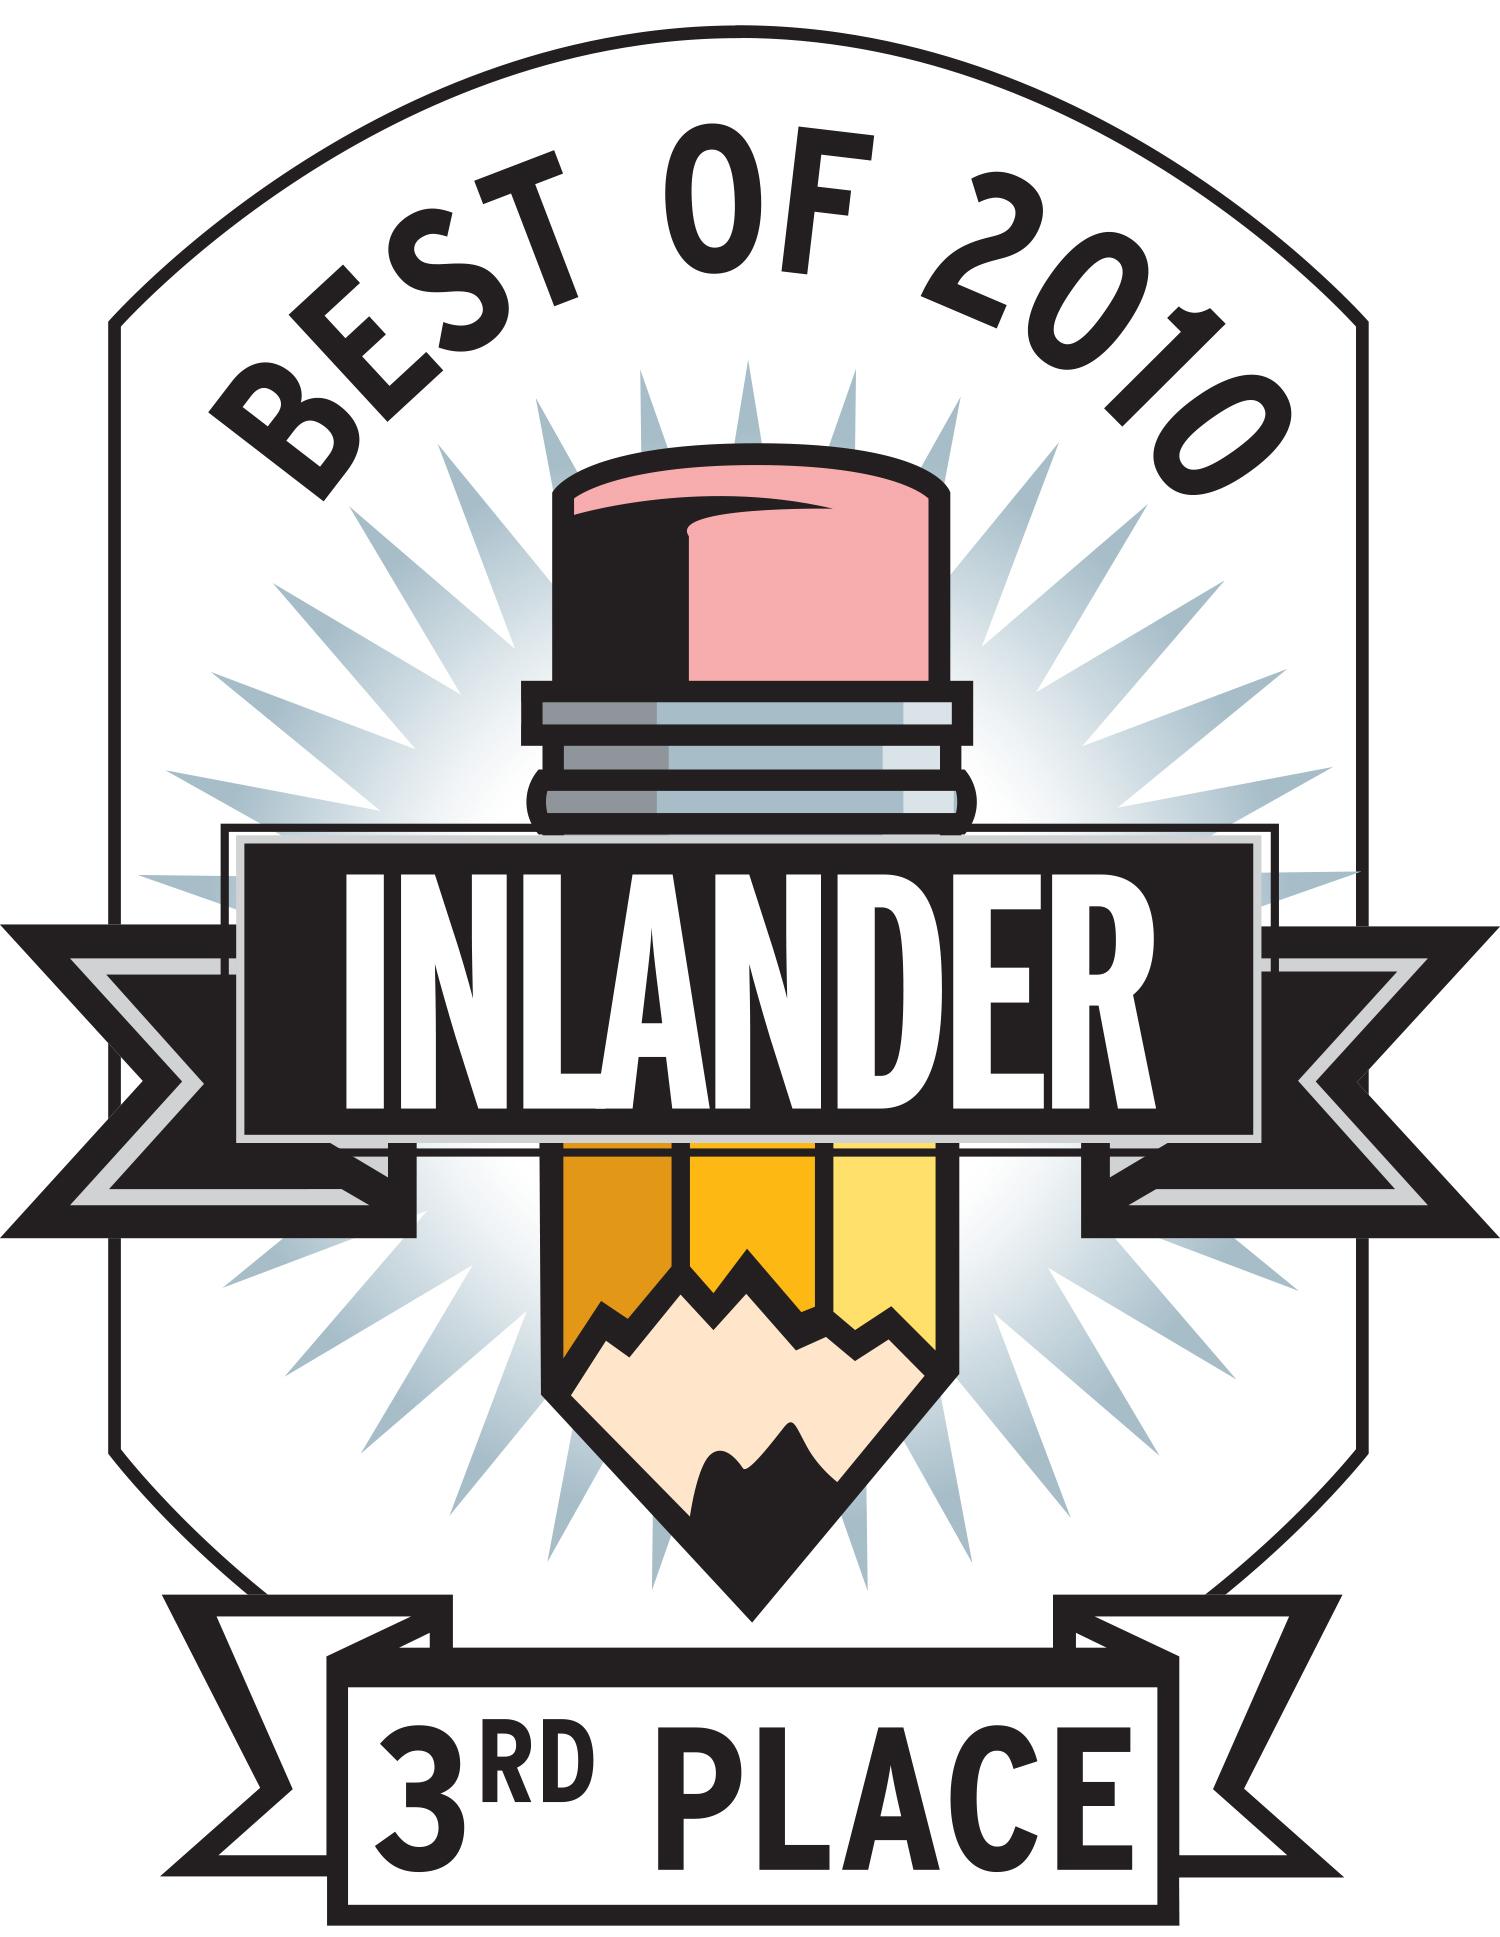 InlanderBestOf_3rd_2010.jpg